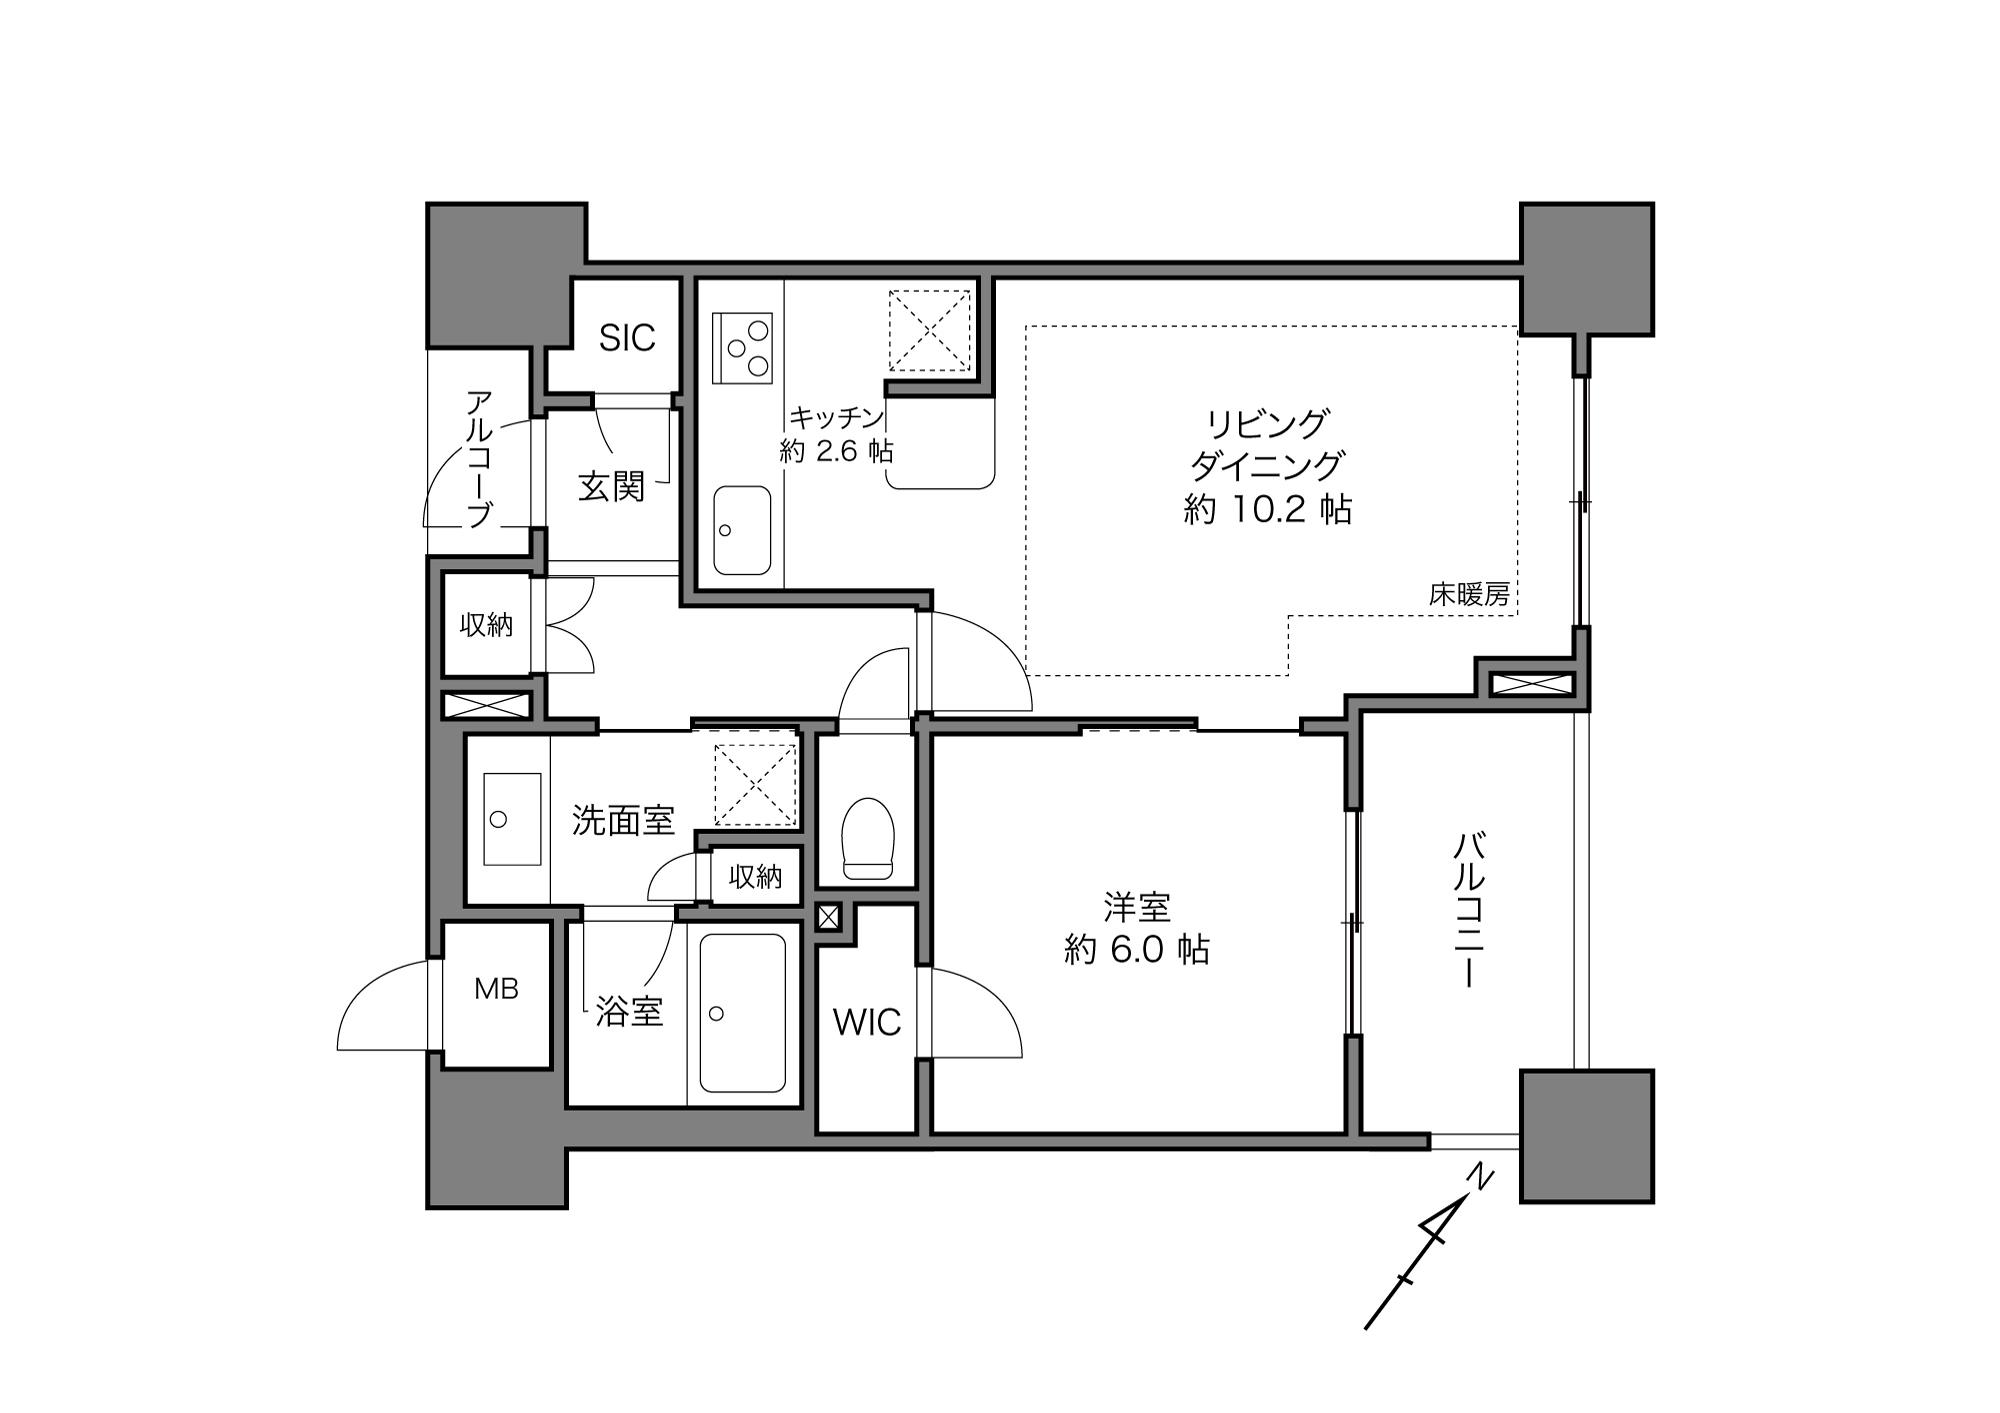 桜木町駅 / 1LDK+WIC+SIC / 48.51㎡